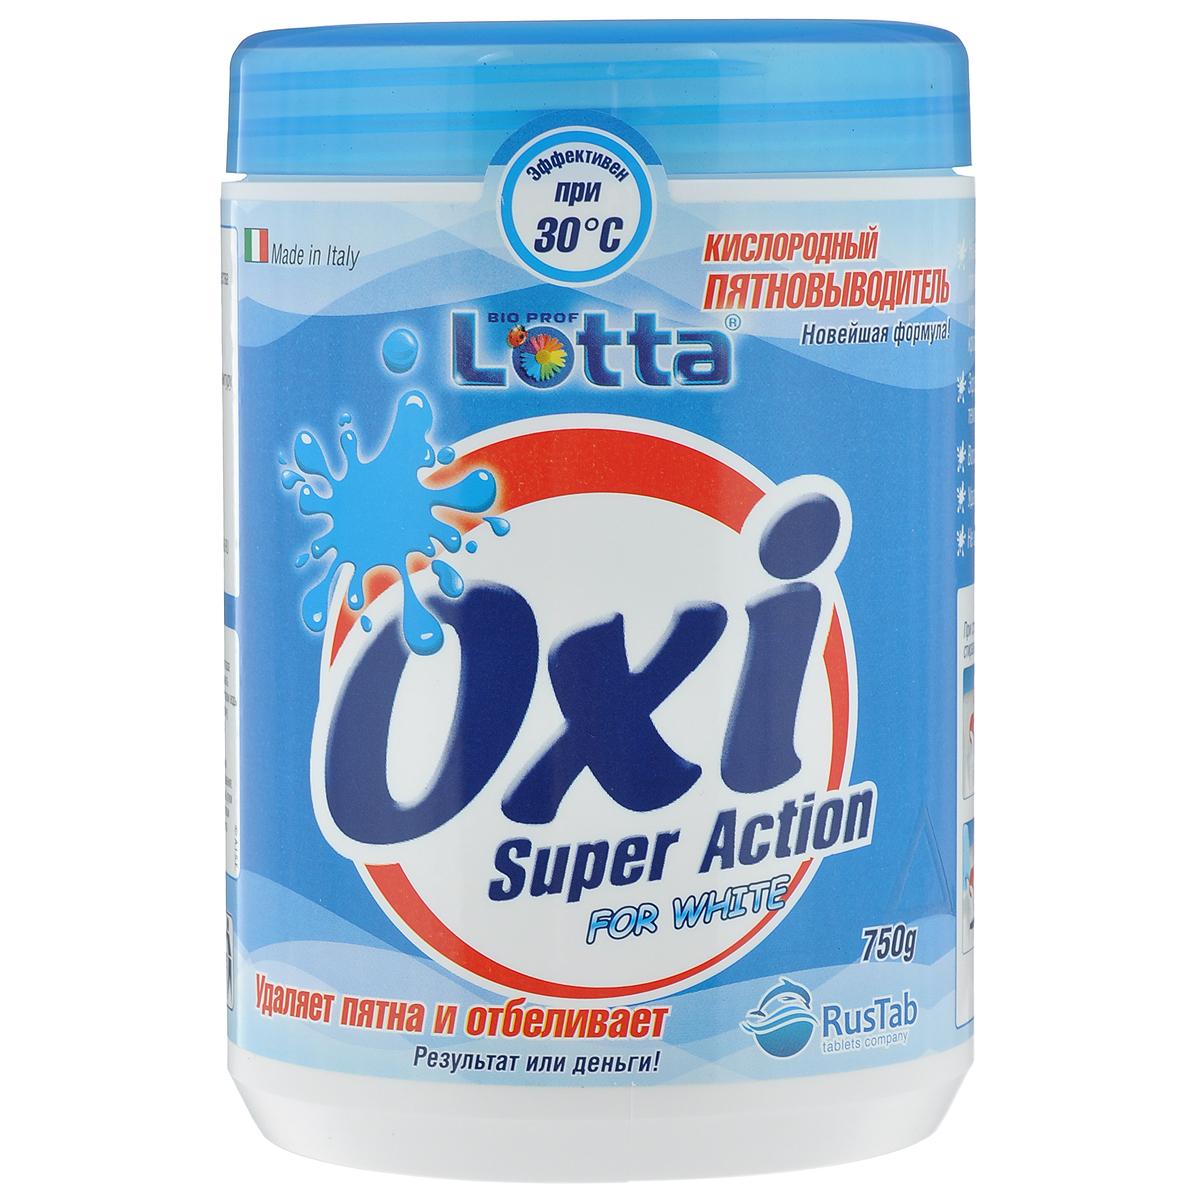 Пятновыводитель для белого белья Lotta Oxi, кислородный, 750 г16317Кислородный пятновыводитель Lotta Oxi предназначен для белого белья. Он превосходно удаляет загрязнения даже в холодной воде, благодаря содержанию молекул активного кислорода. Новая формула Super Action удаляет пятна от кофе, чая, жира, вина, уличной грязи, травы, ягод, сока, крови и т.п. Пятновыводитель можно использовать как для ручной стирки, так и для стирки в автоматизированных стиральных машинах. Обладает антибактериальным и дезодорирующим эффектом. Восстанавливает белый цвет ткани. Эффективен даже при низкой температуре. Не содержит хлора. В комплект входит пластиковая мерная ложечка. Не использовать для шерсти, шелка, кожи и тонких тканей. Вес: 750 г. Состав: 40% кислородосодержащий пятновыводитель, неионогенные и анионные ПАВ около 5%, ферменты, энзимы, цеолиты, ароматизатор. Товар сертифицирован.